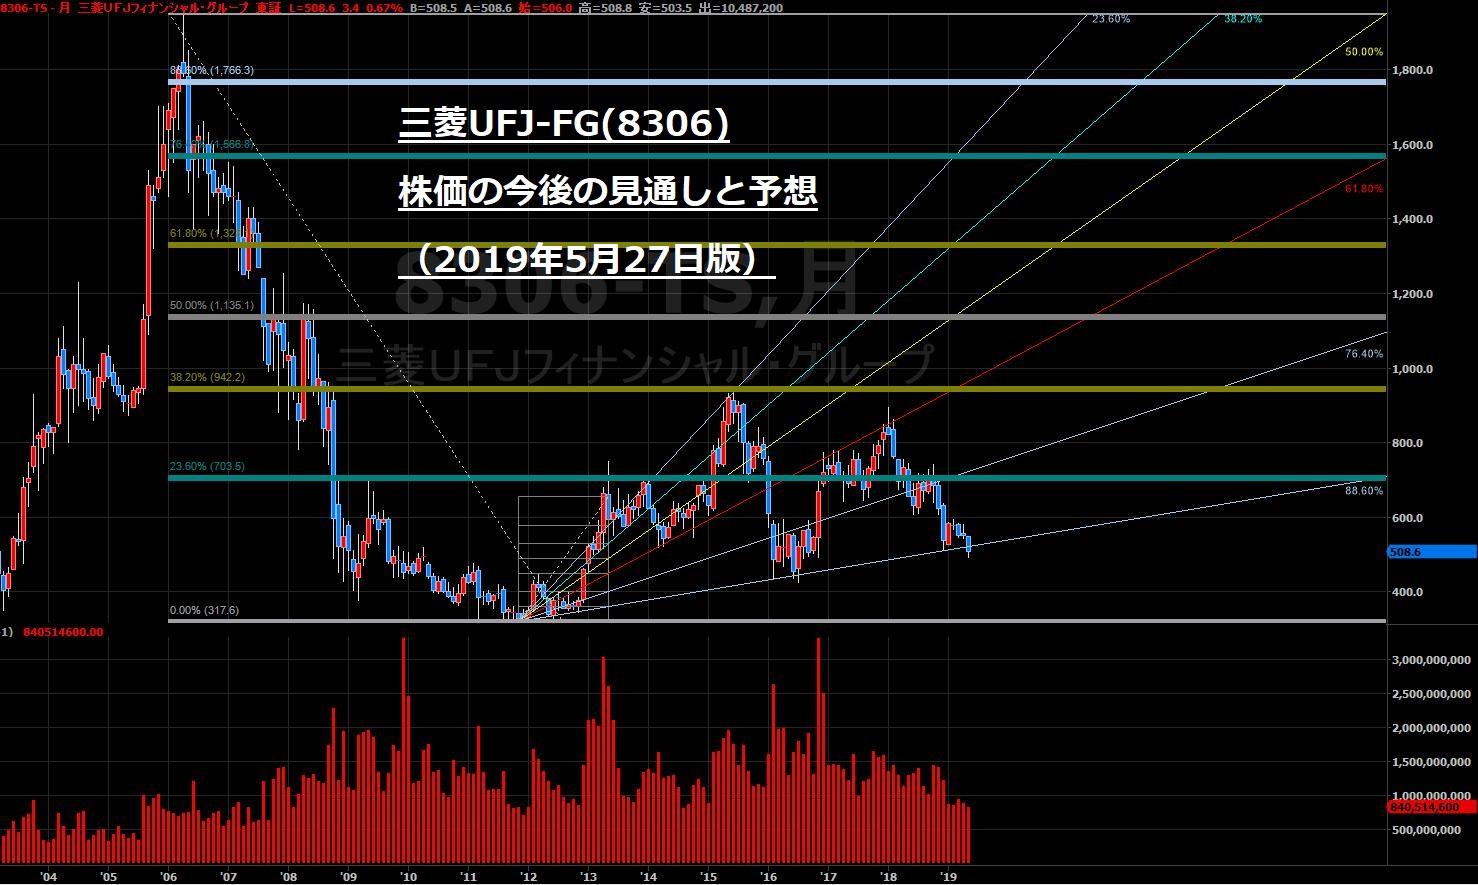 株価 銀行 三菱 ufj